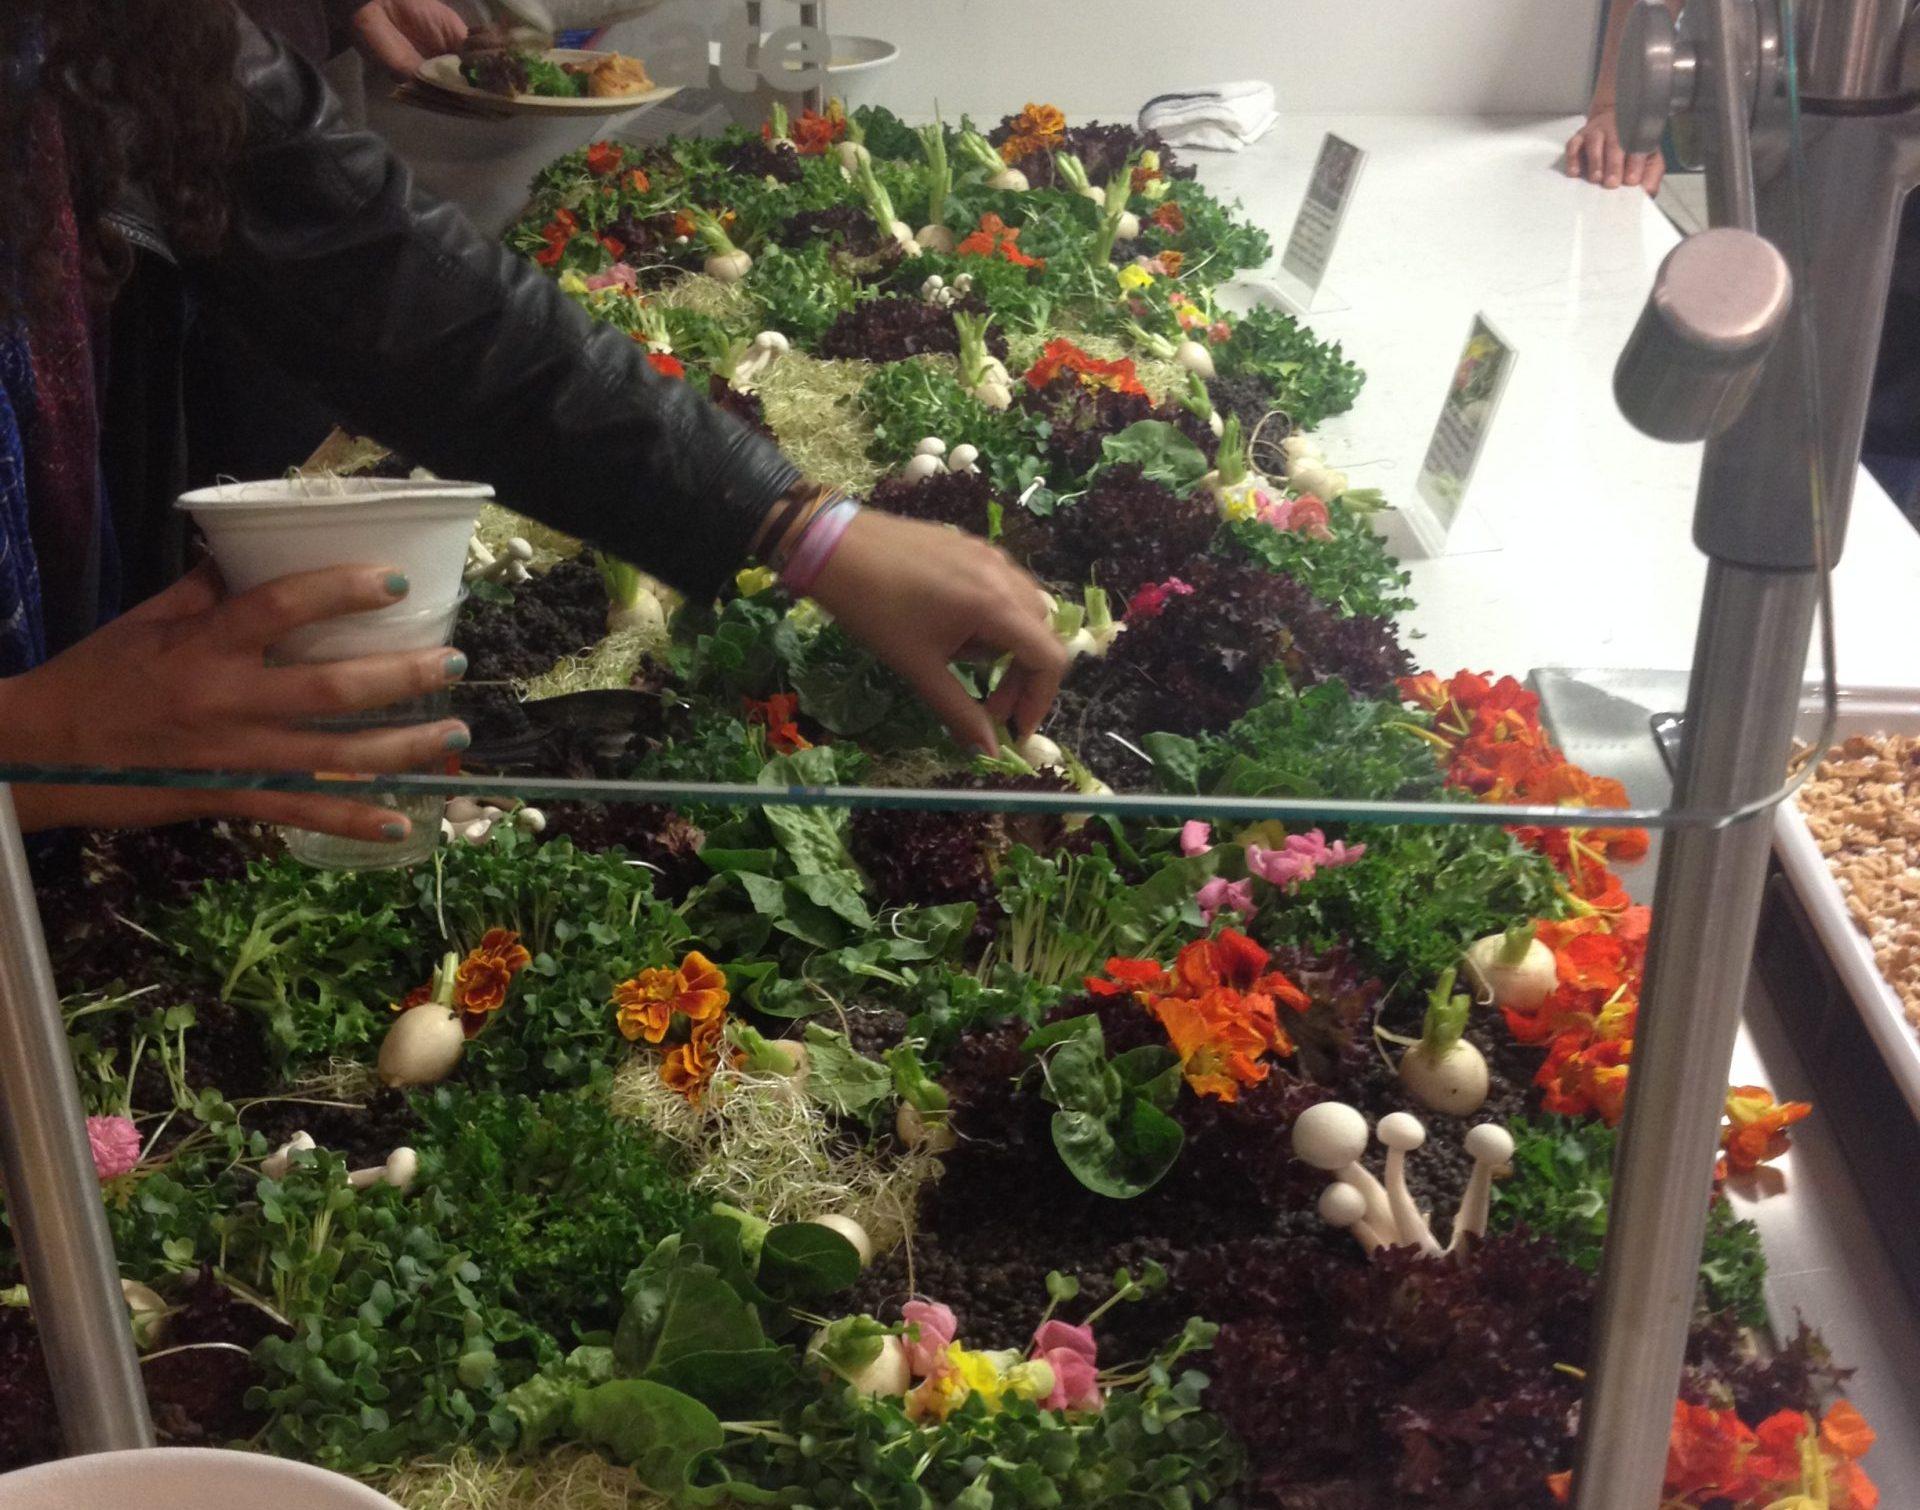 airbnb HQ kitchen salad